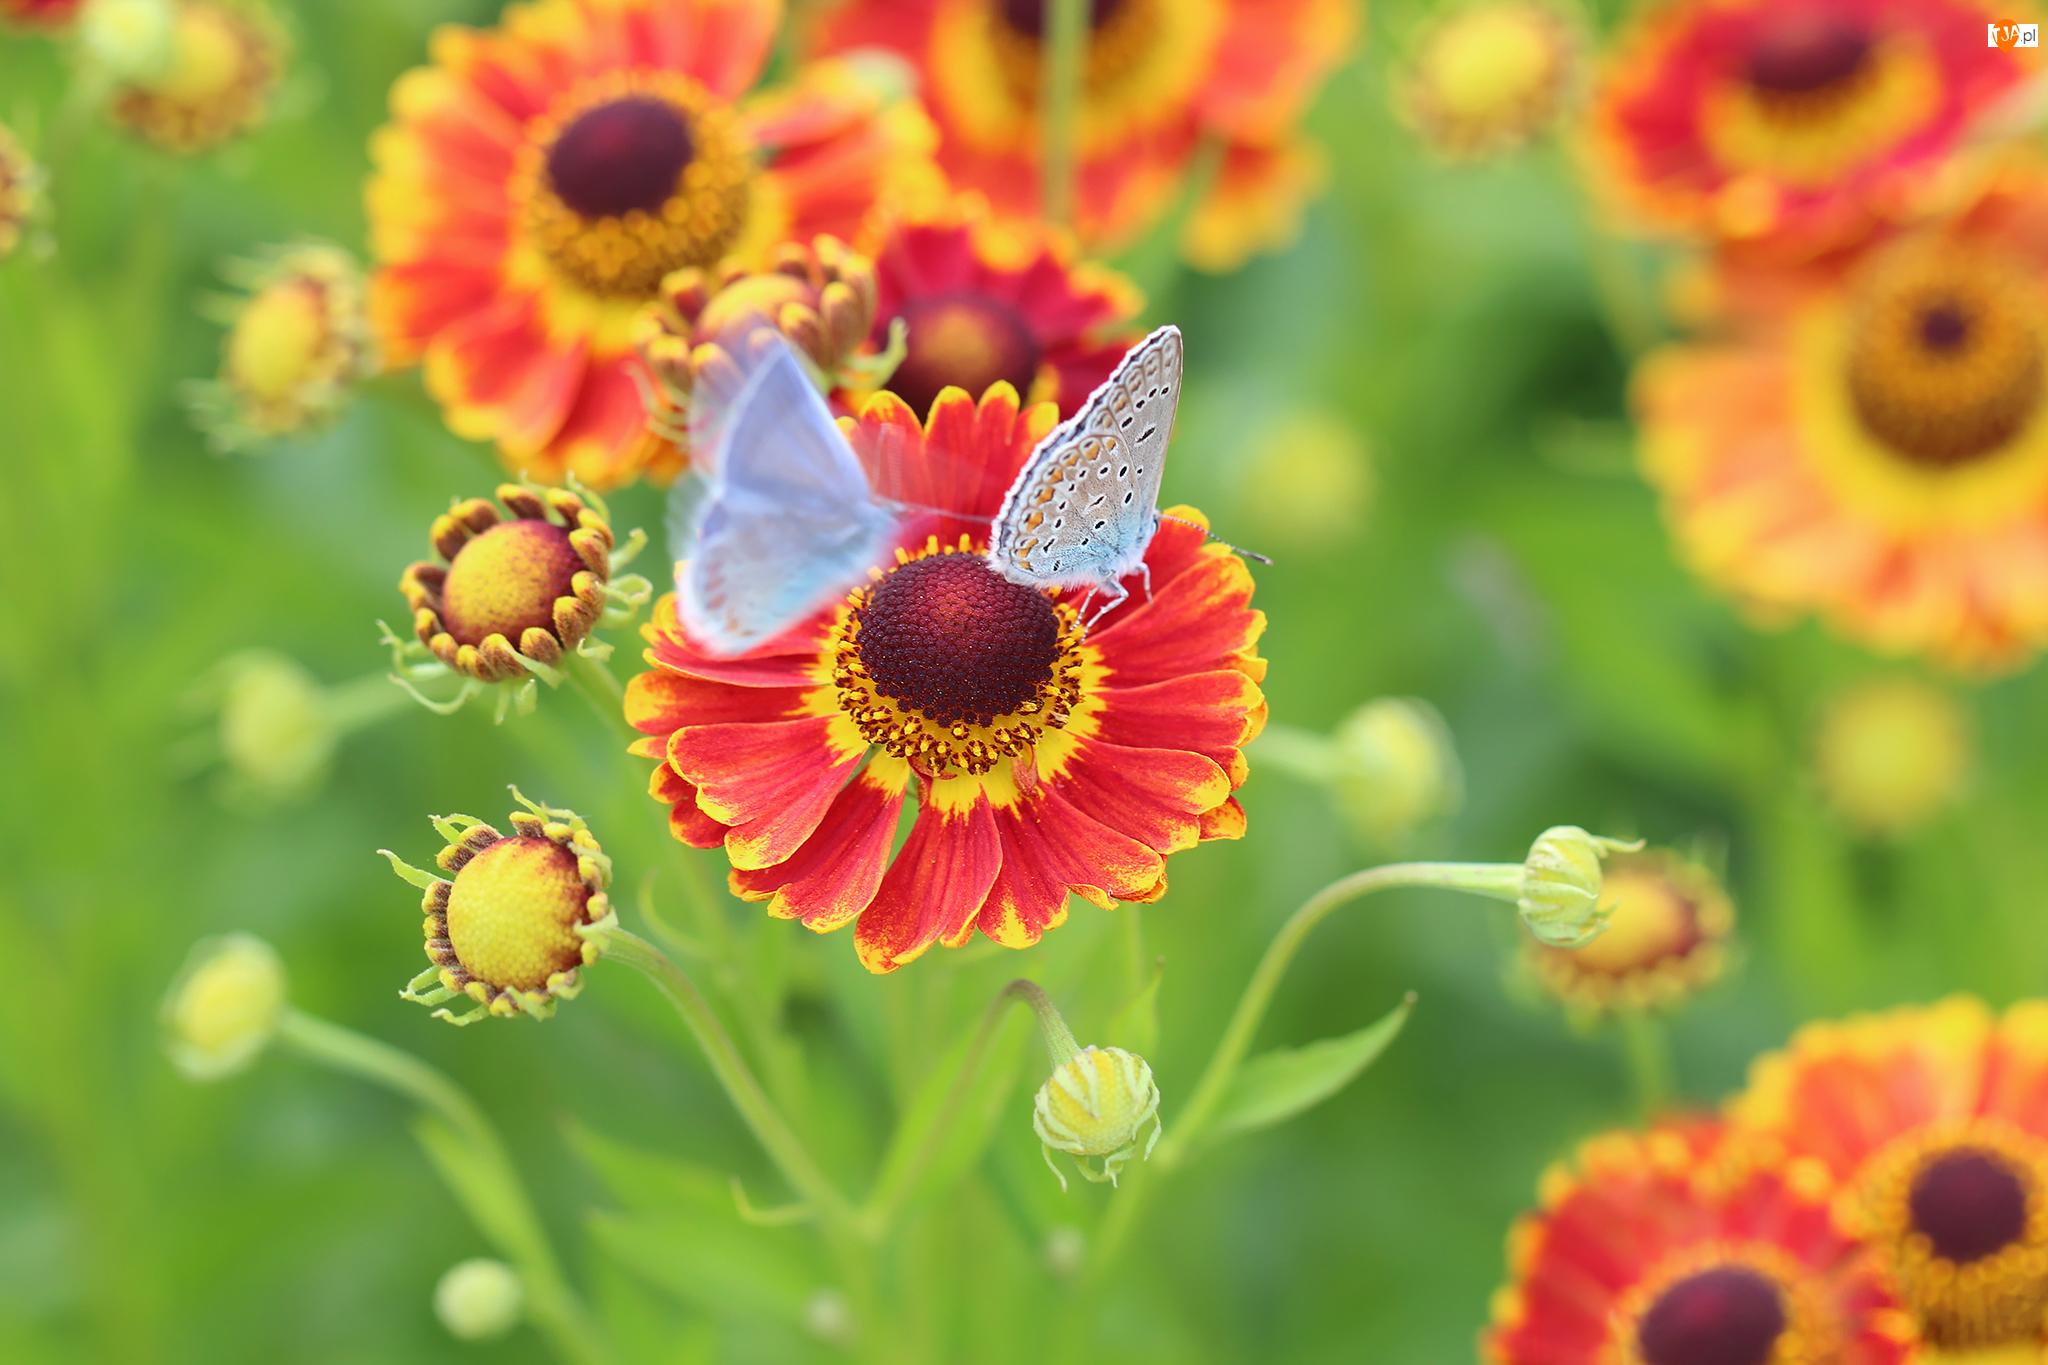 Modraszki, Dzielżan ogrodowy, Kwiaty, Czerwone, Motyle